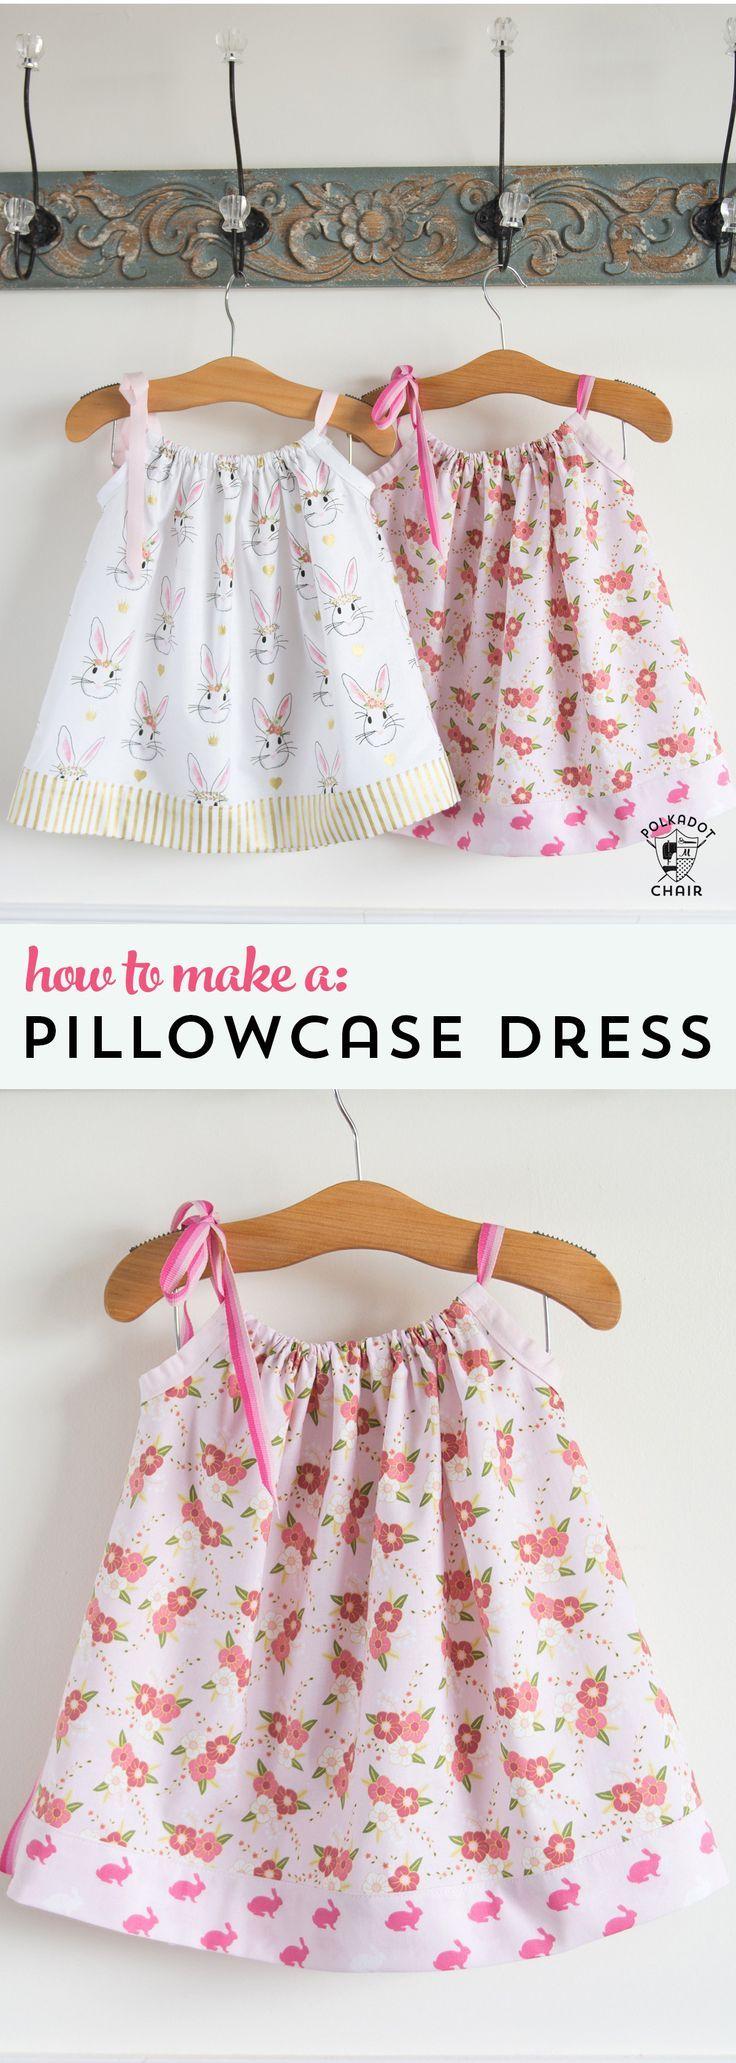 Pinterest Pillowcase Dress Ideas: 25+ unique Pillowcase dresses ideas on Pinterest   Girl of the day    ,